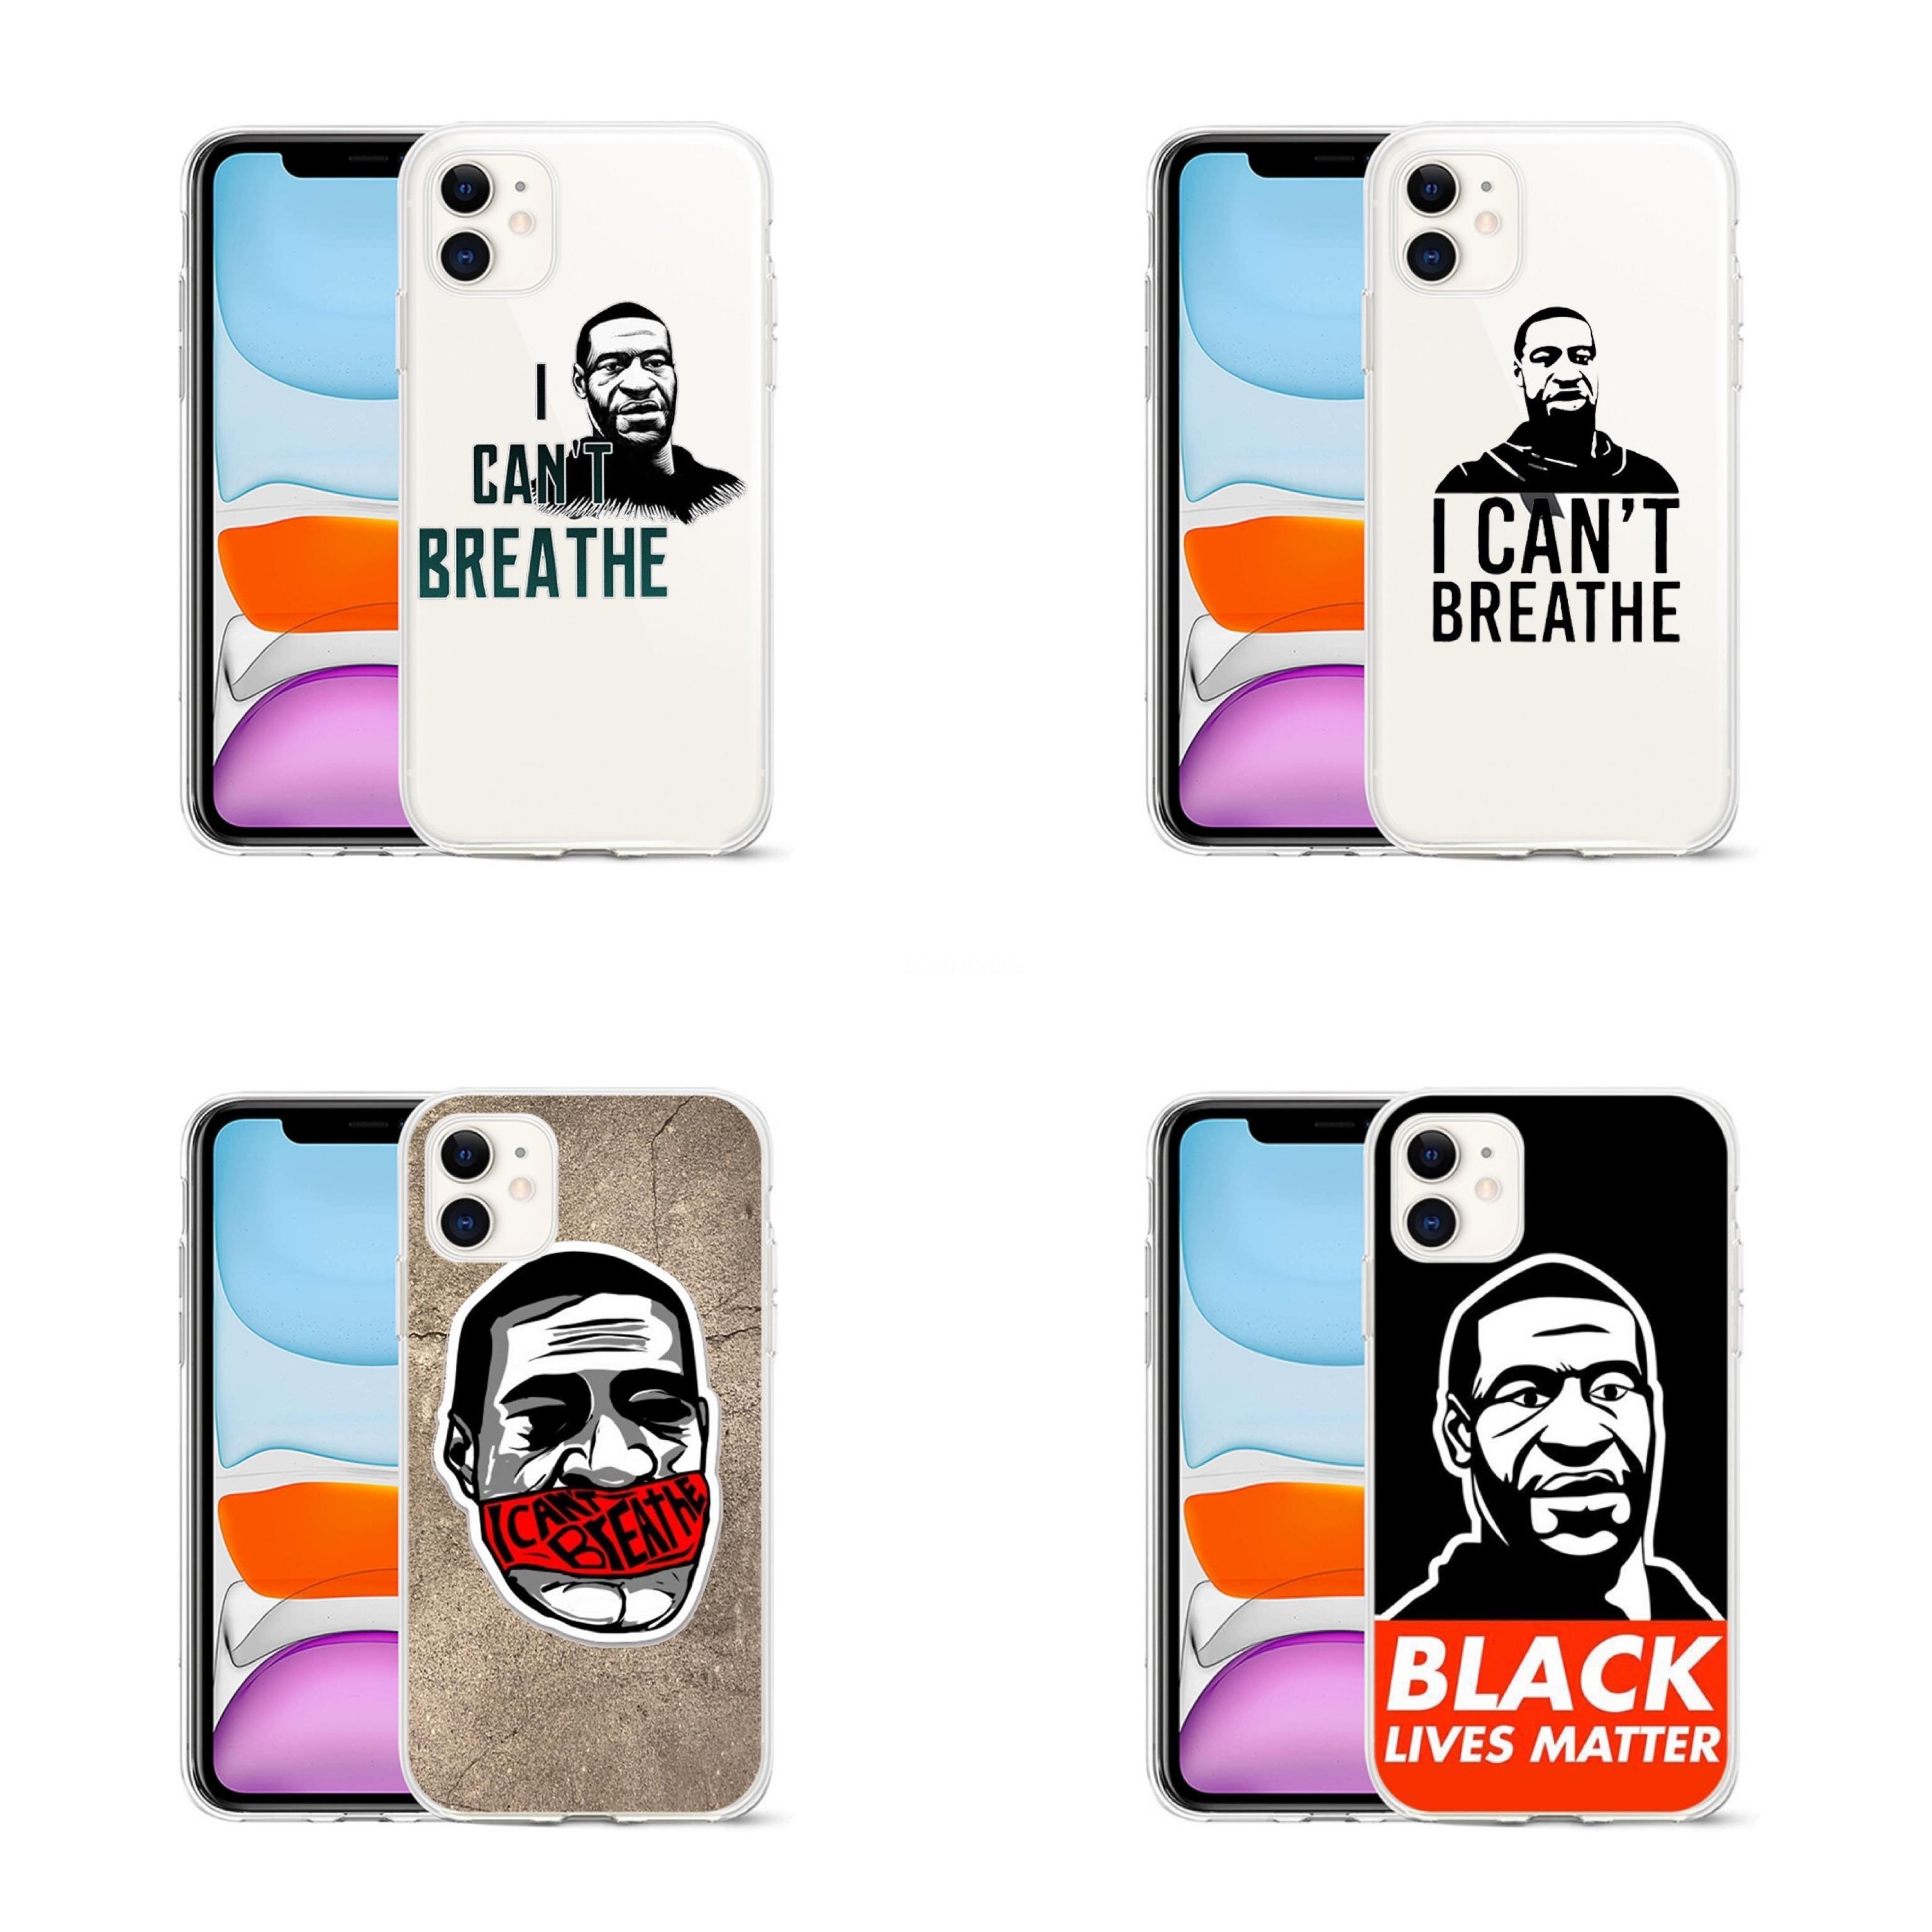 Retro Imprimer Lettre téléphone pour iPhone 11 Pro X Xs Max Xr 7 7Plus 8 8Plus 6 6S plus 11Pro Tpu Pu cuir Retour couverture Défilé de mode Resp # OU9